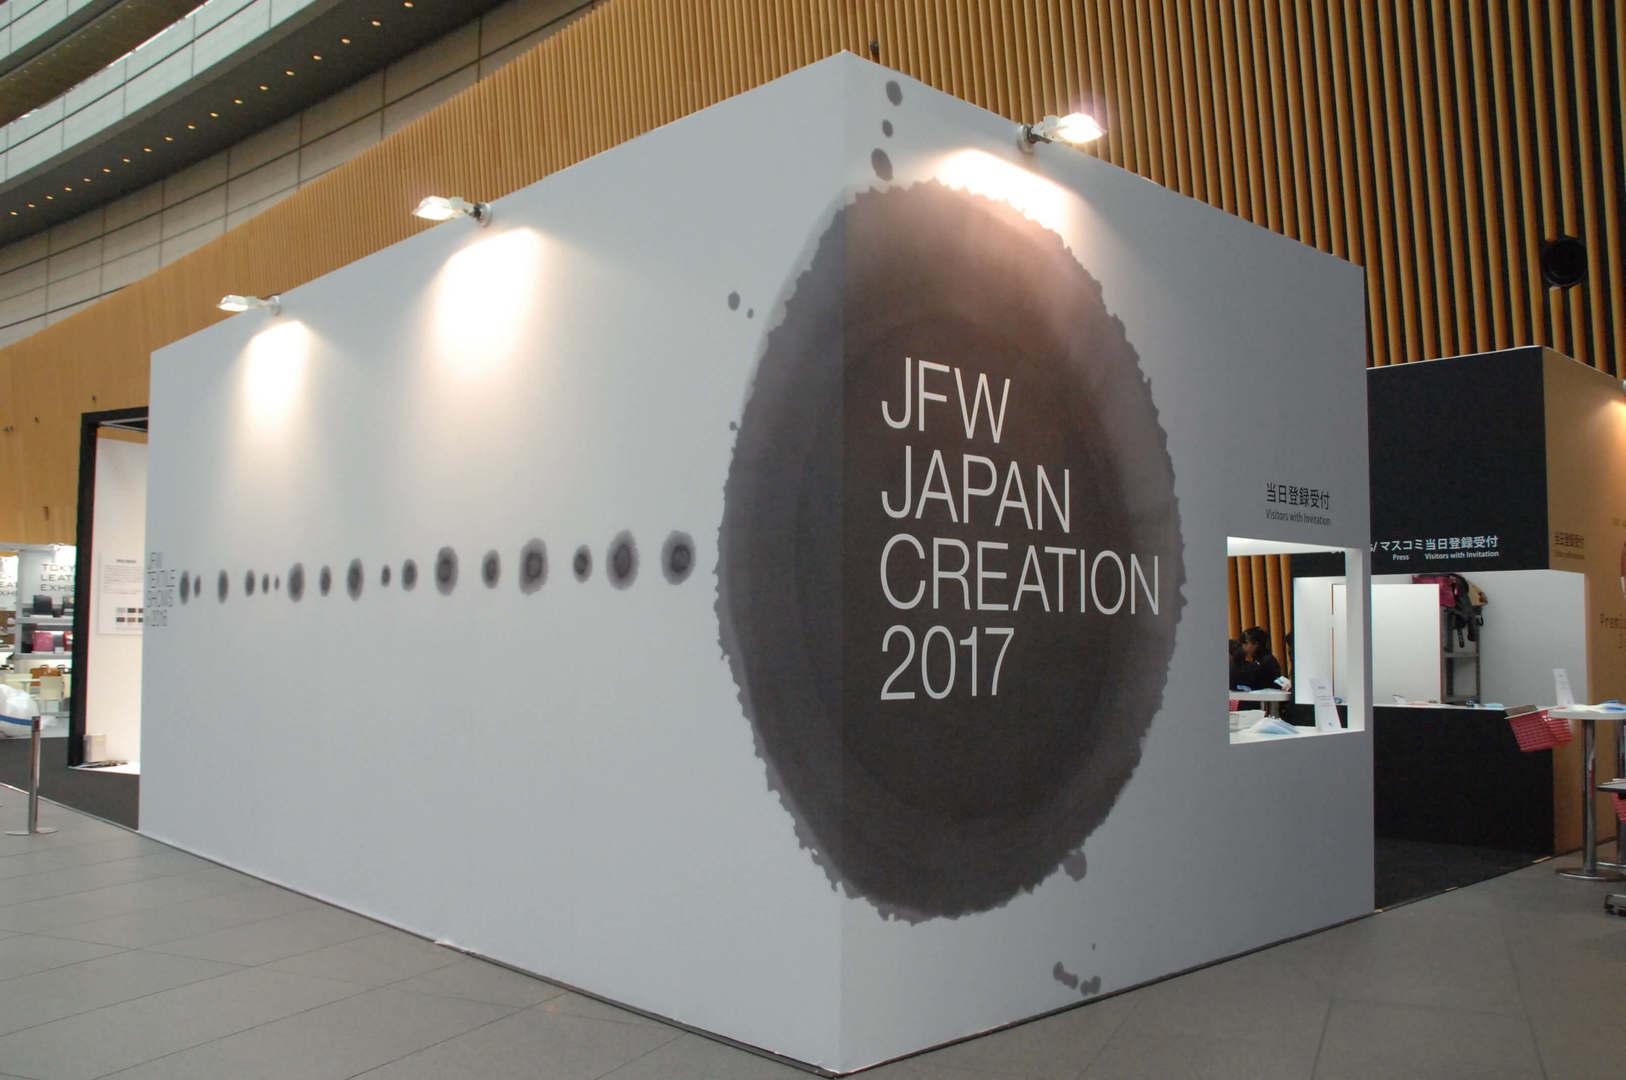 日本最大のファッションテキスタイル展を支えるオフィスワークスタッフ募集!のカバー写真